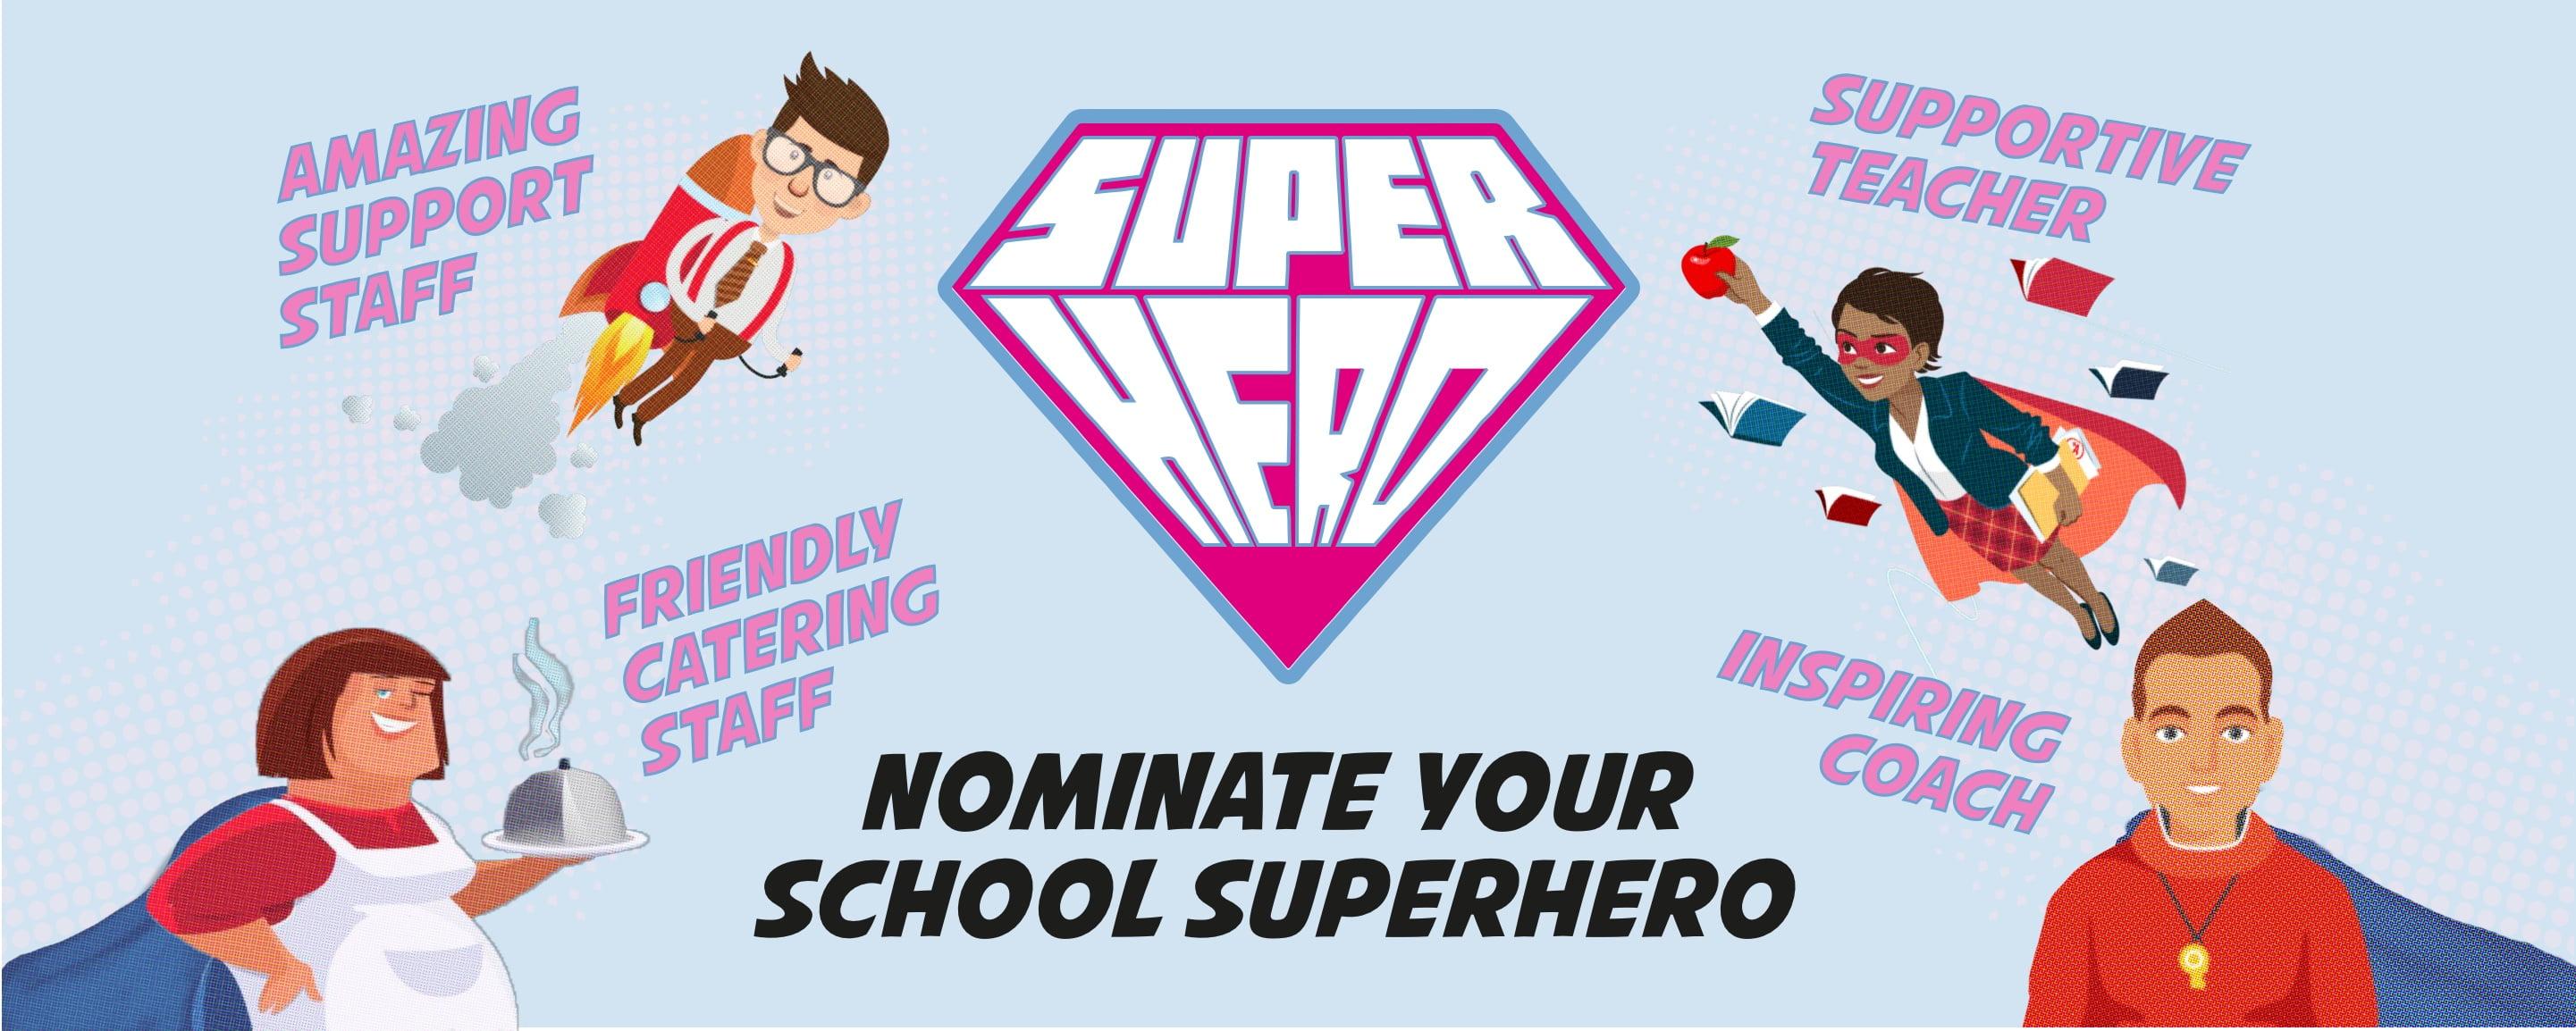 School Superhero banner